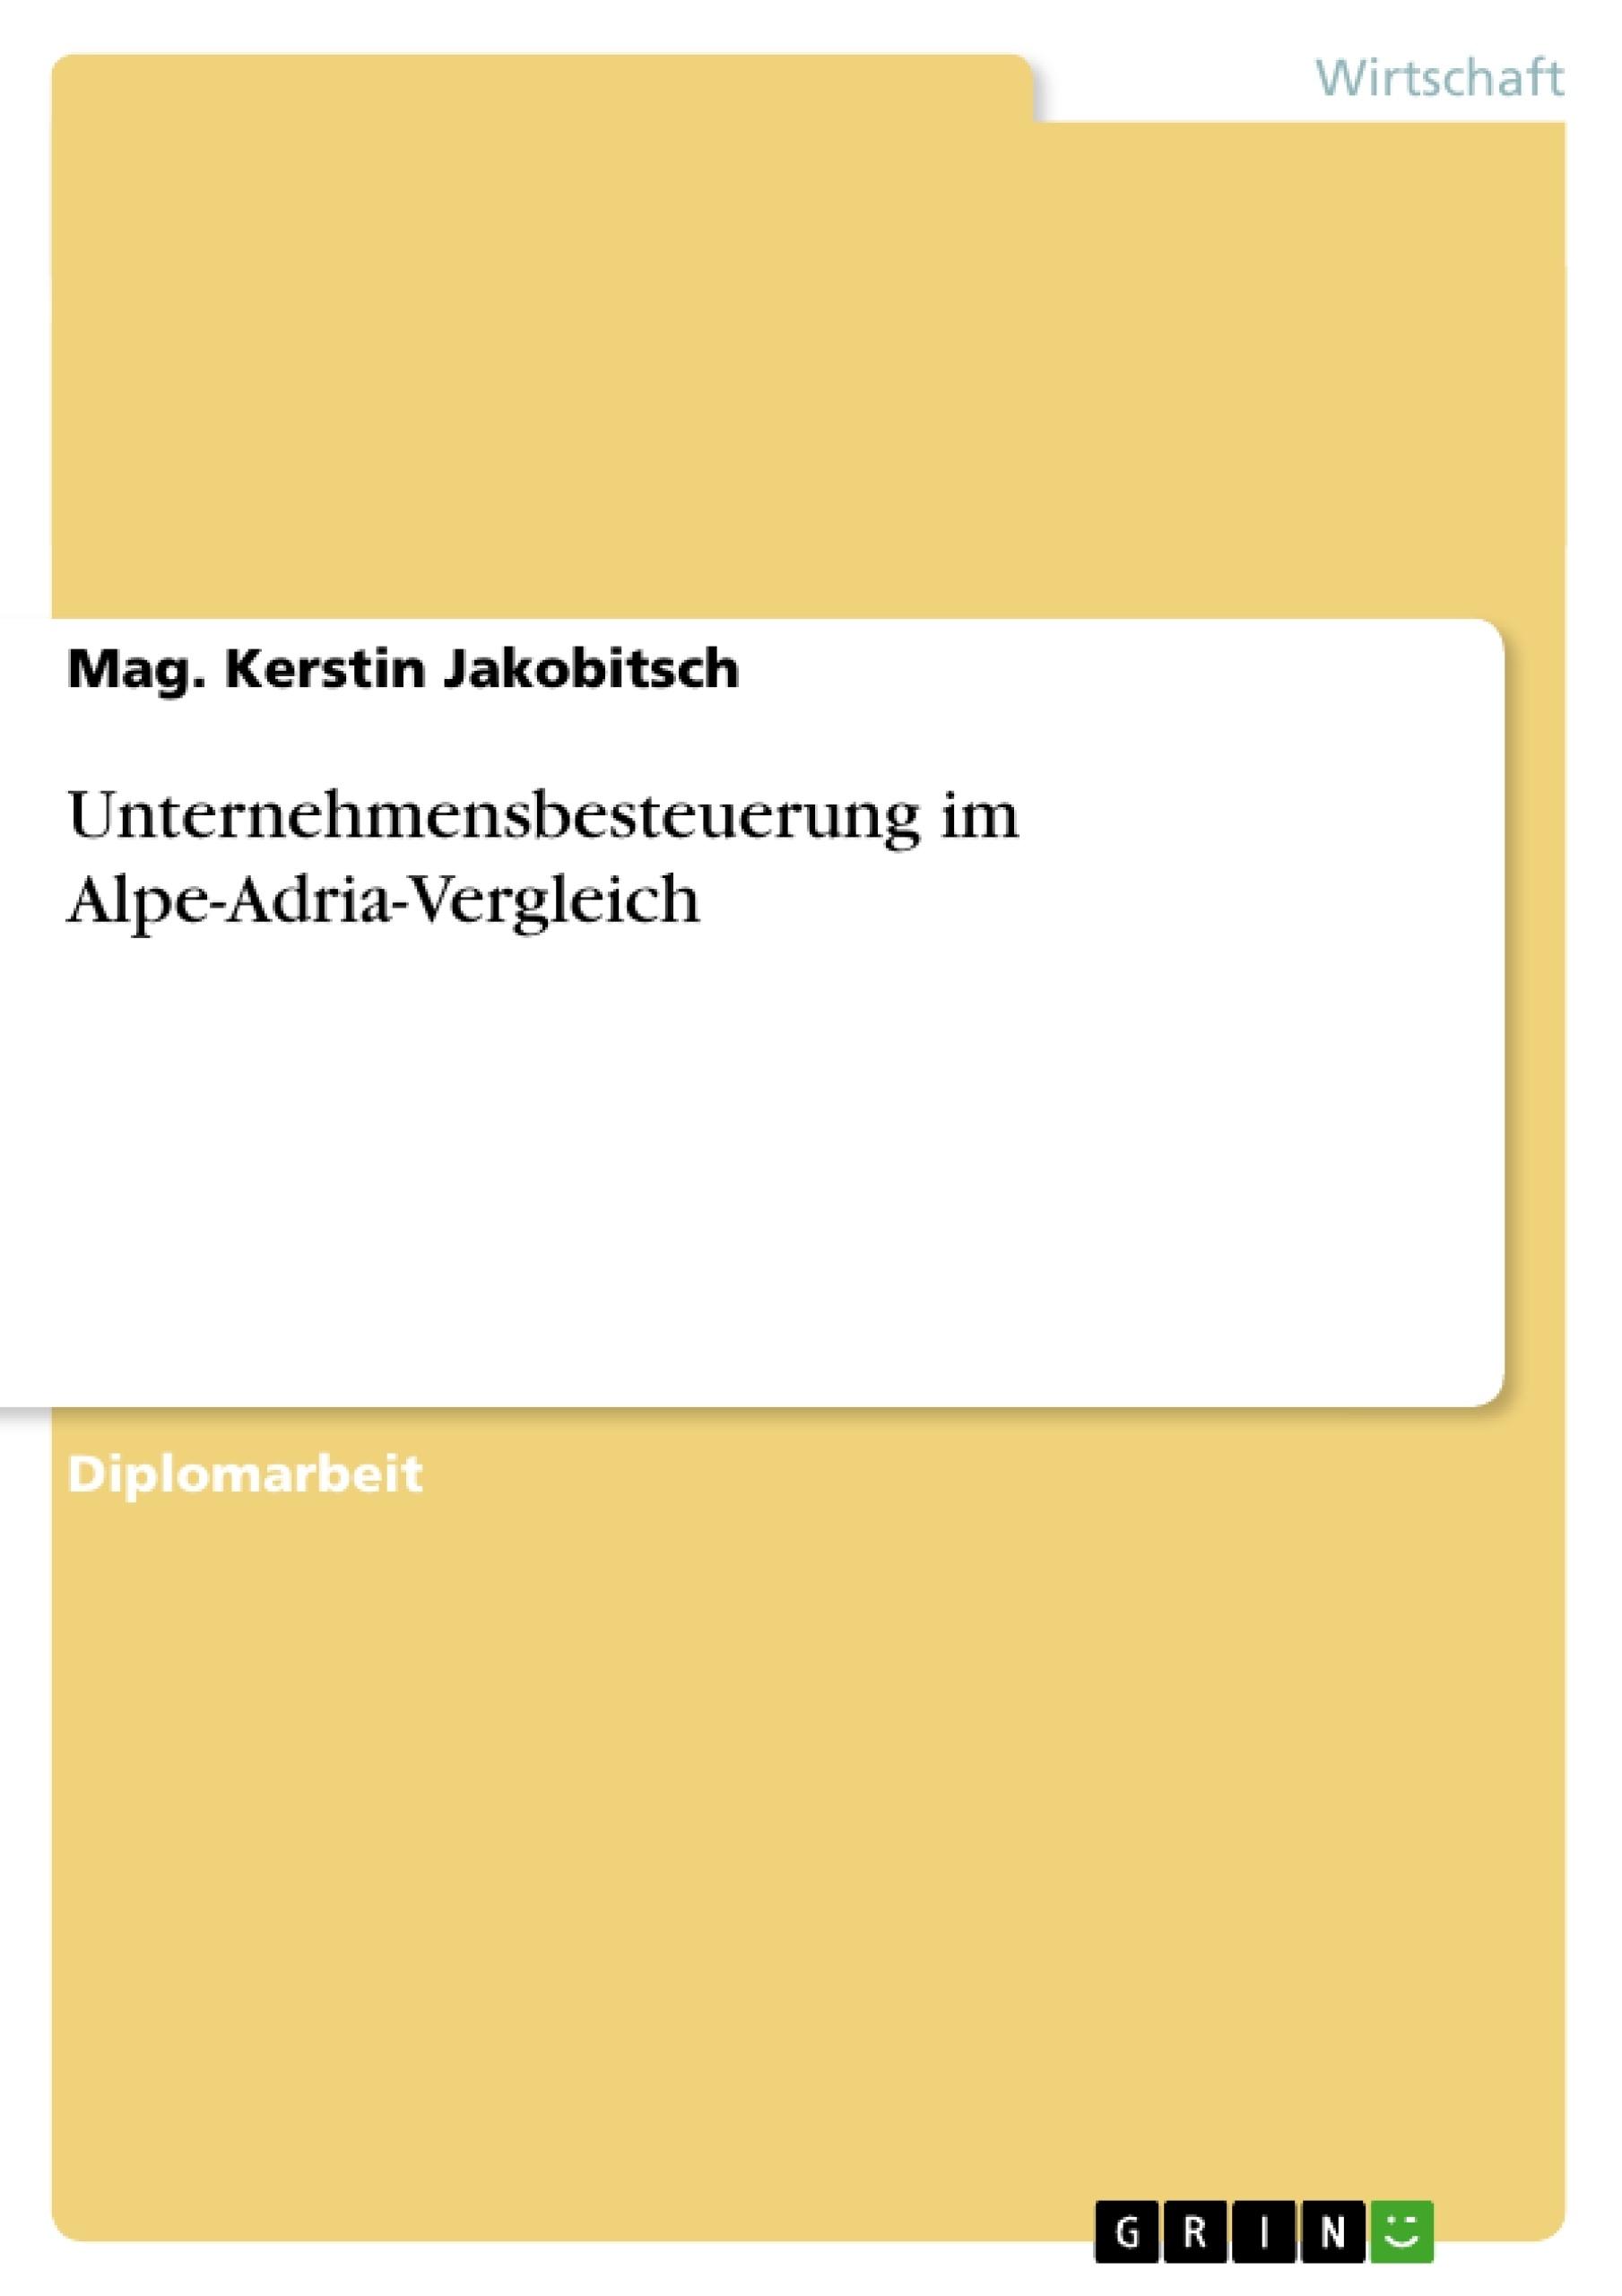 Titel: Unternehmensbesteuerung im Alpe-Adria-Vergleich